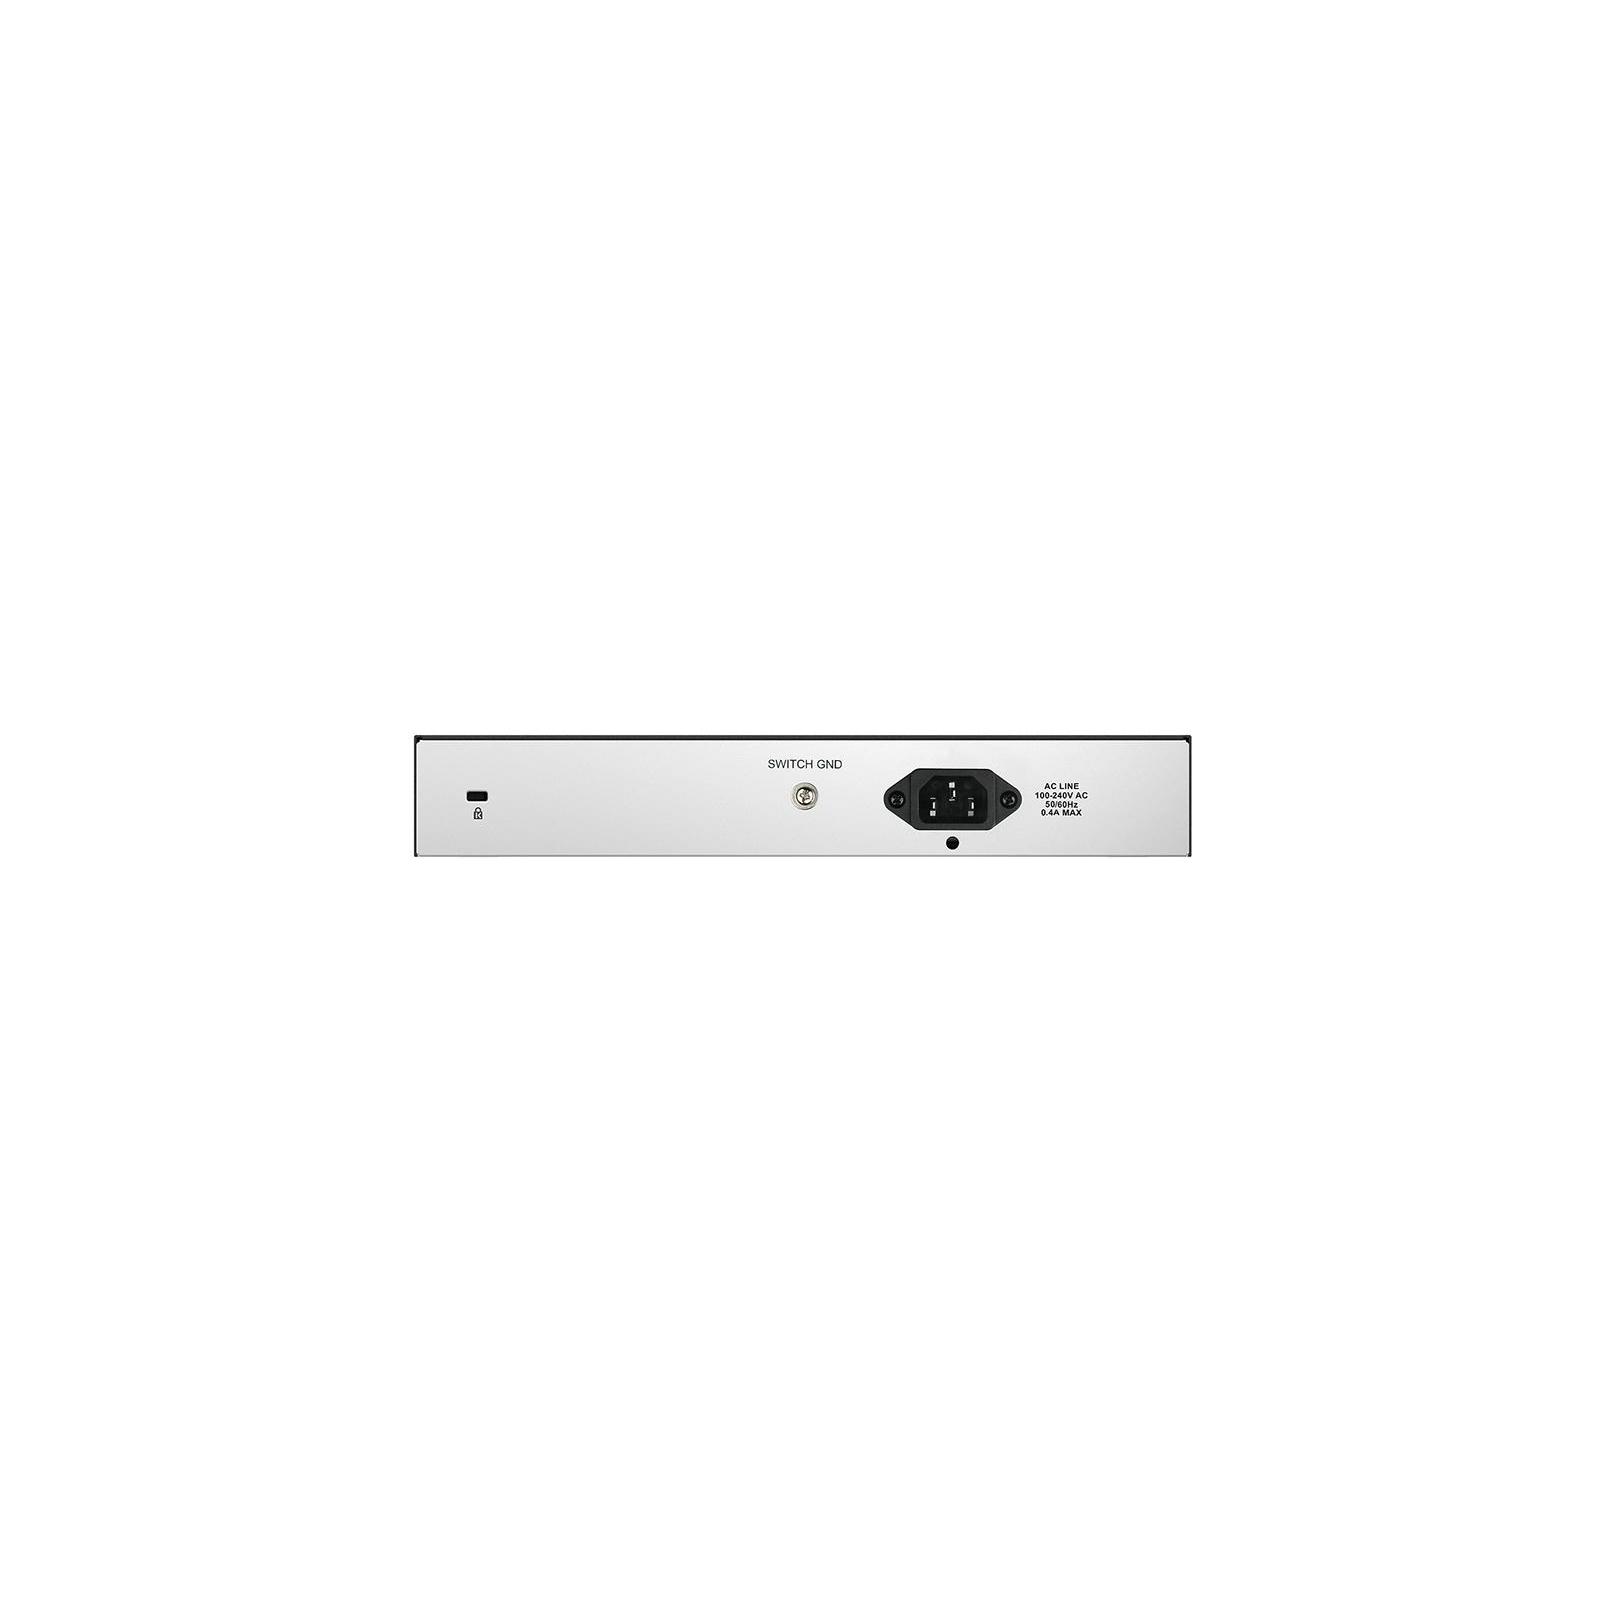 Коммутатор сетевой D-Link DGS-1210-20/ME/A изображение 2